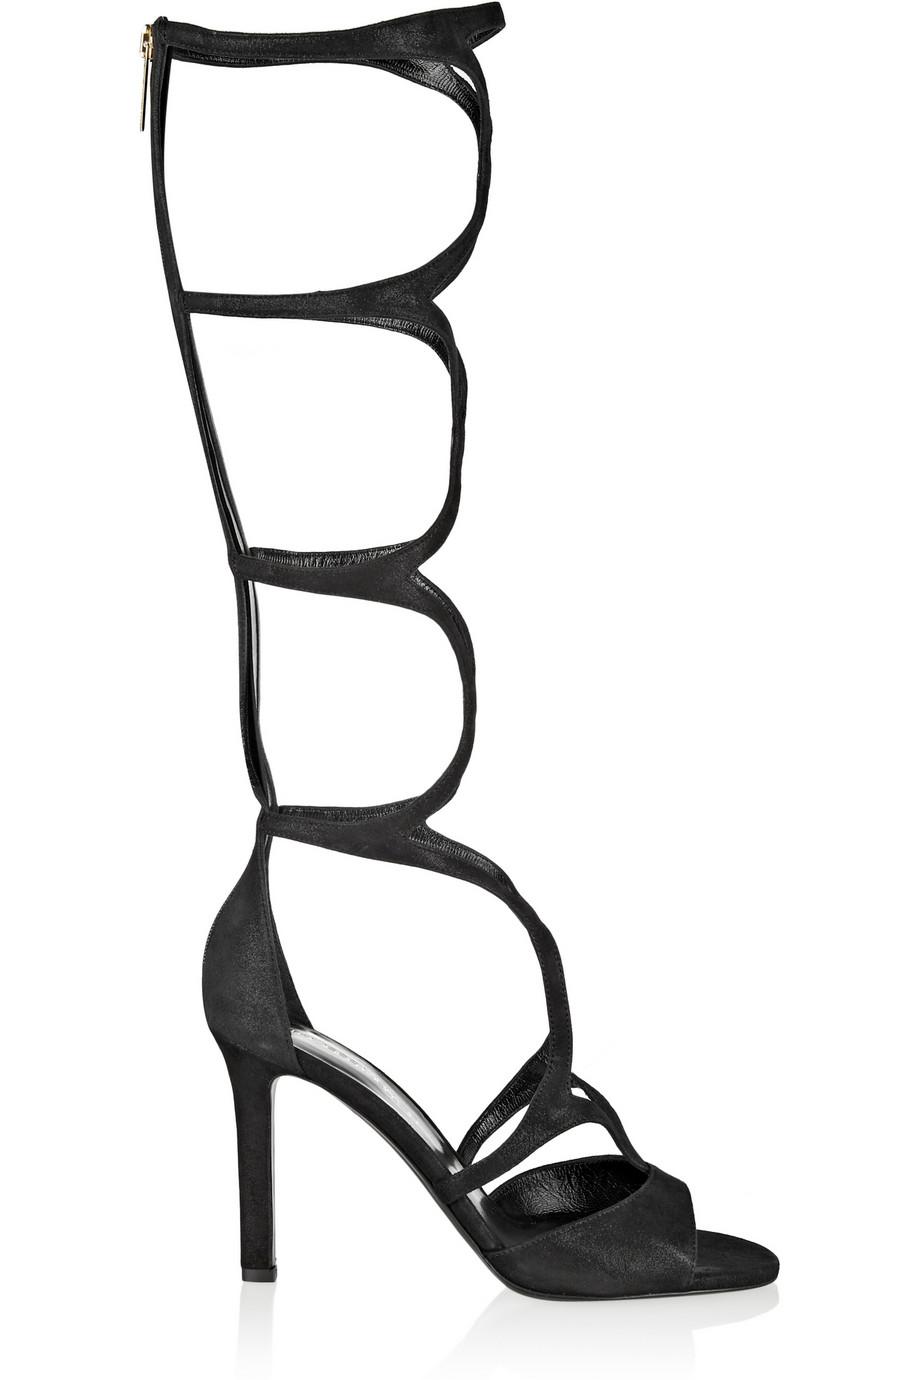 Tamara Mellon Exposure Suede Sandals $597.50